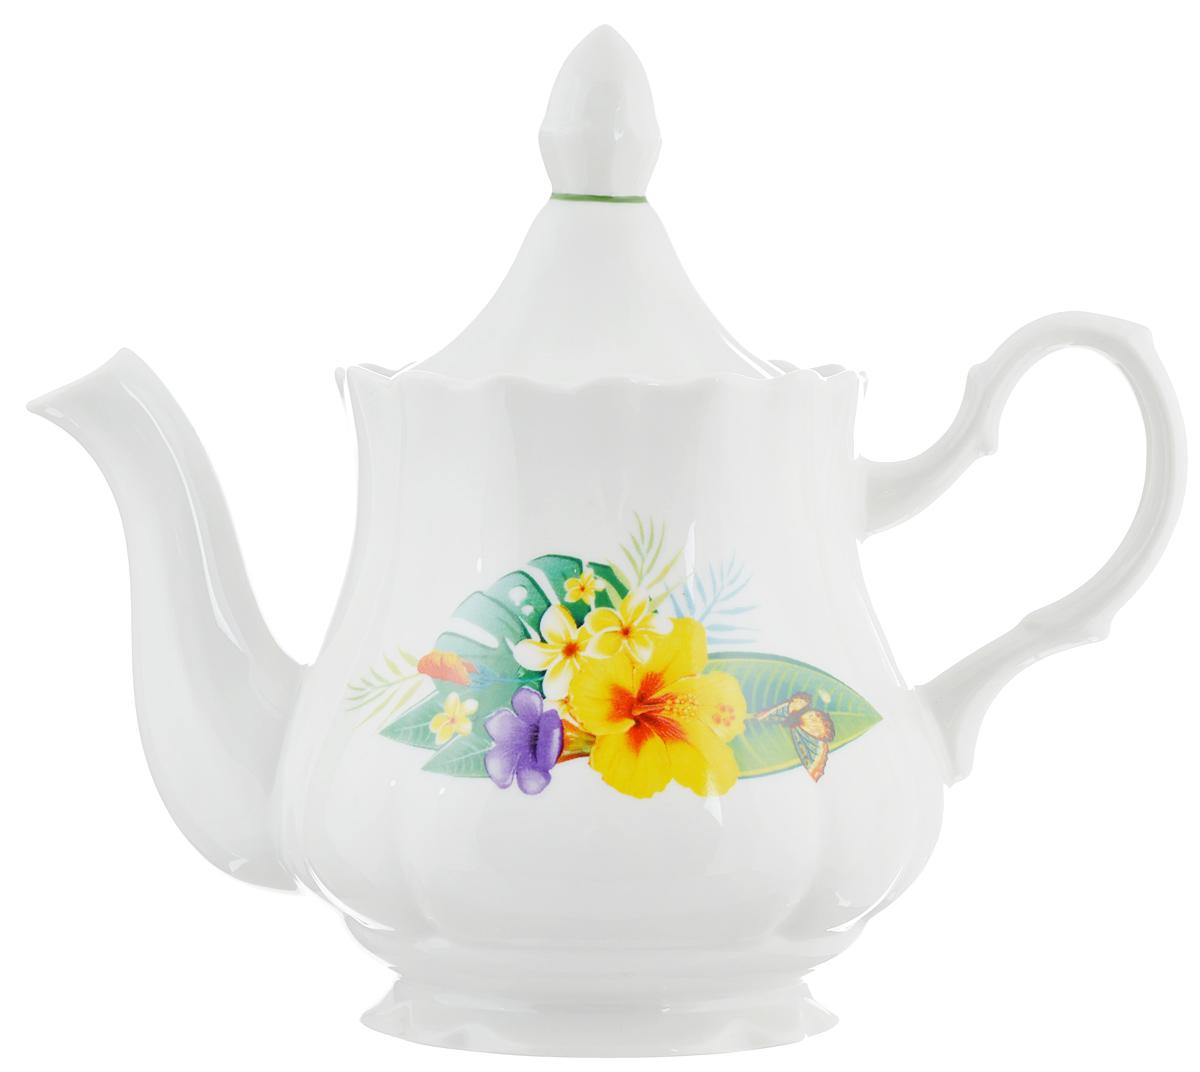 Чайник заварочный Романс. Райский остров, 800 млCM000001328Заварочный чайник Романс. Райский остров выполнен из высококачественного фарфора и покрыт сверкающей глазурью. Изделие оформлено ярким цветочным рисунком и оснащено крышкой. Заварочный чайник Романс. Райский остров придется по вкусу и ценителям классики, и тем, кто предпочитает утонченность и изысканность.Диаметр (по верхнему краю): 10 см. Высота чайника (без учета крышки): 12,5 см.